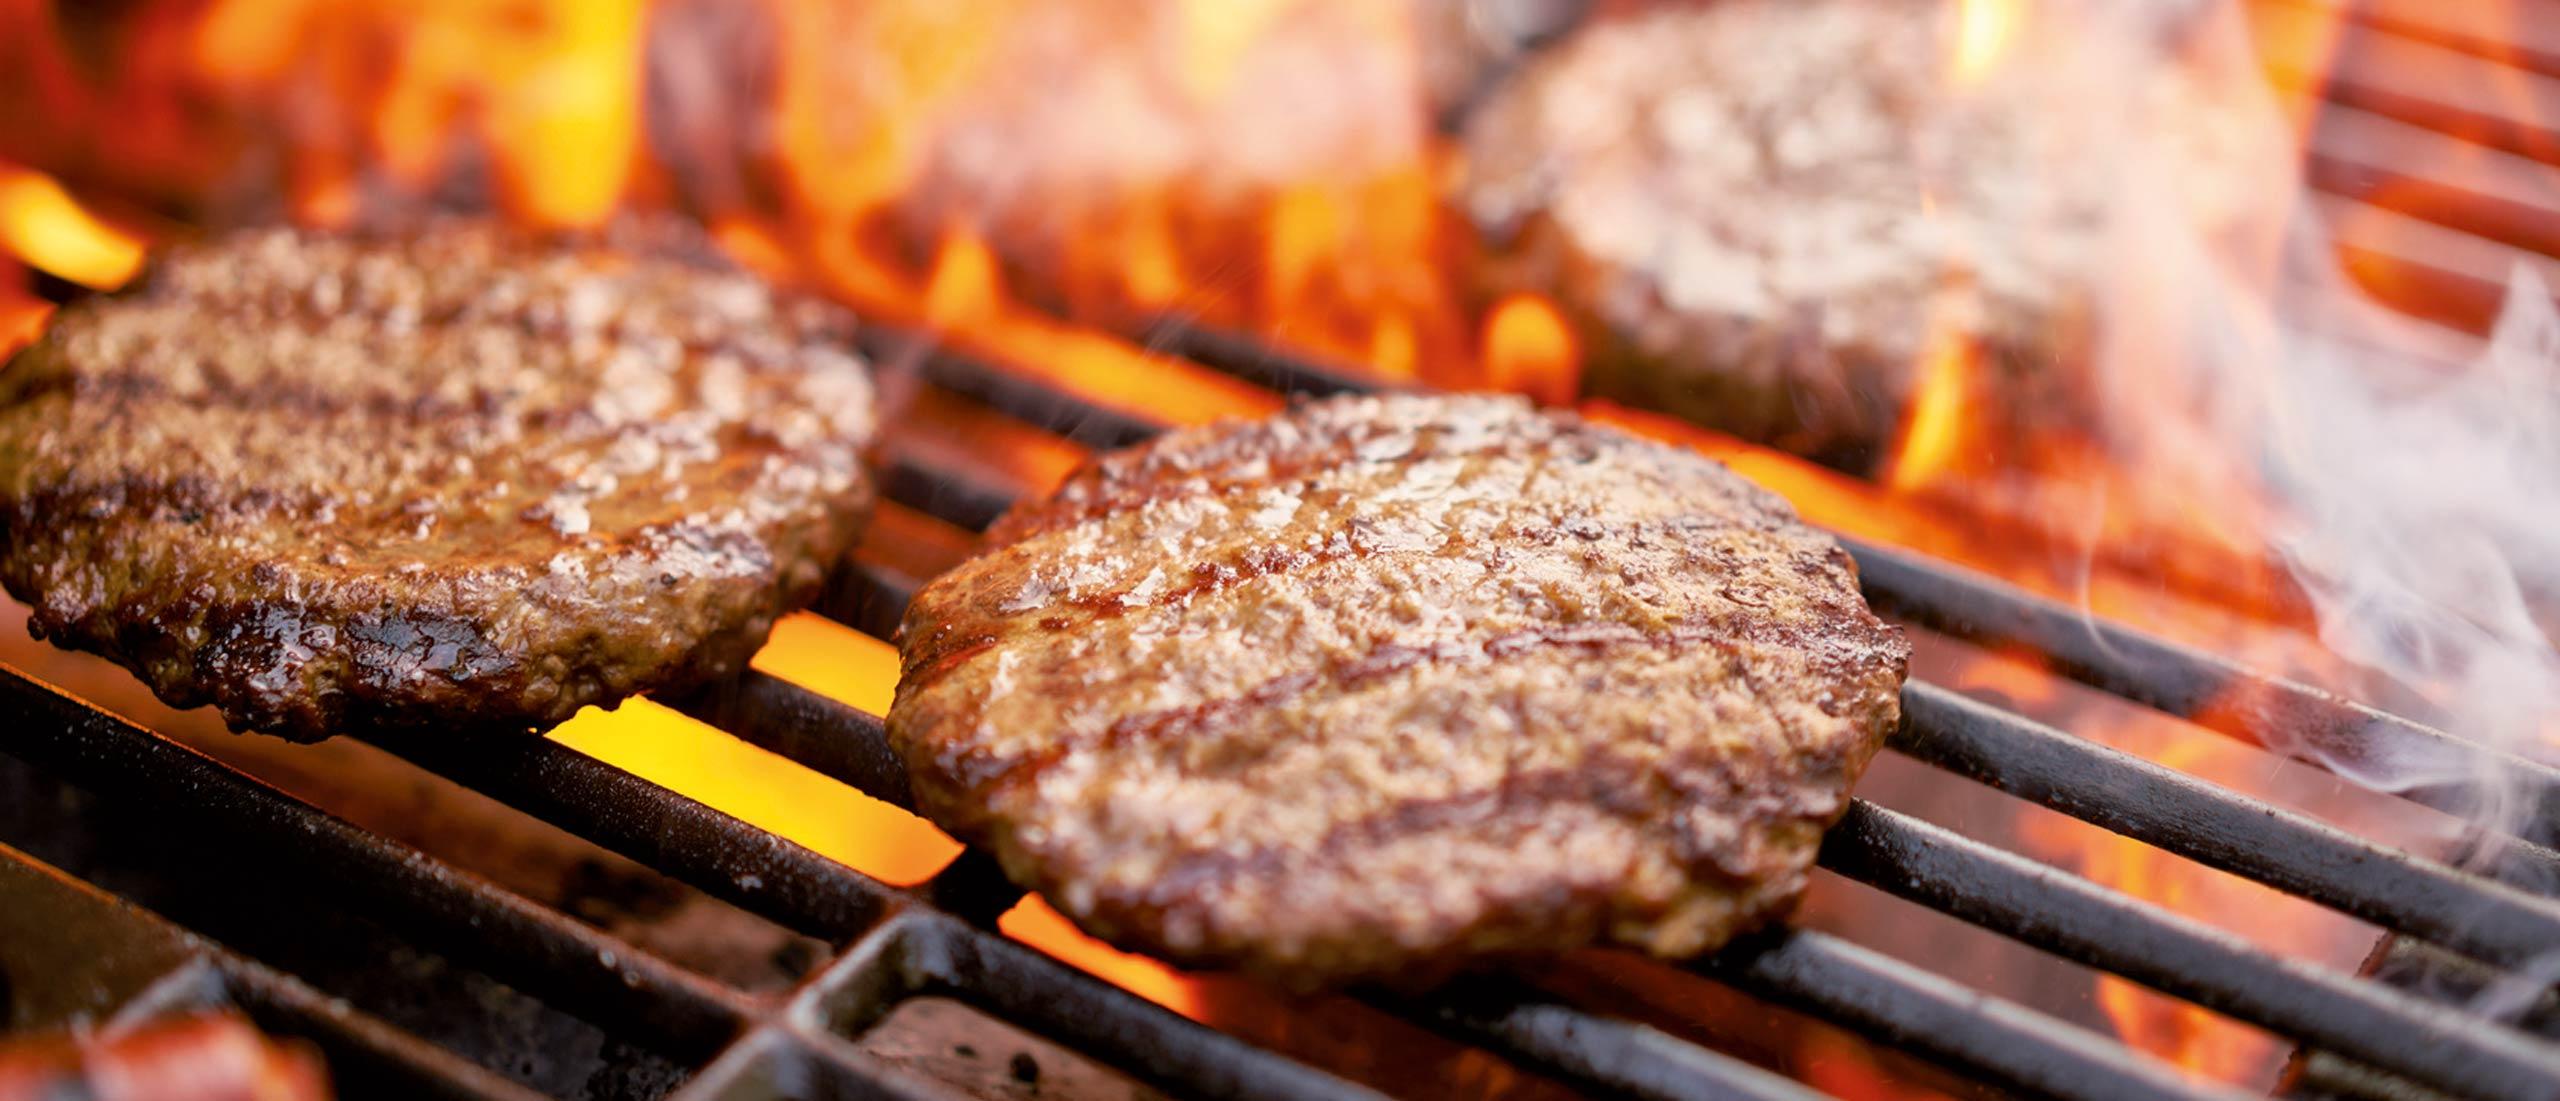 Saftige Burger auf Grill - Fleischerei Nolzen